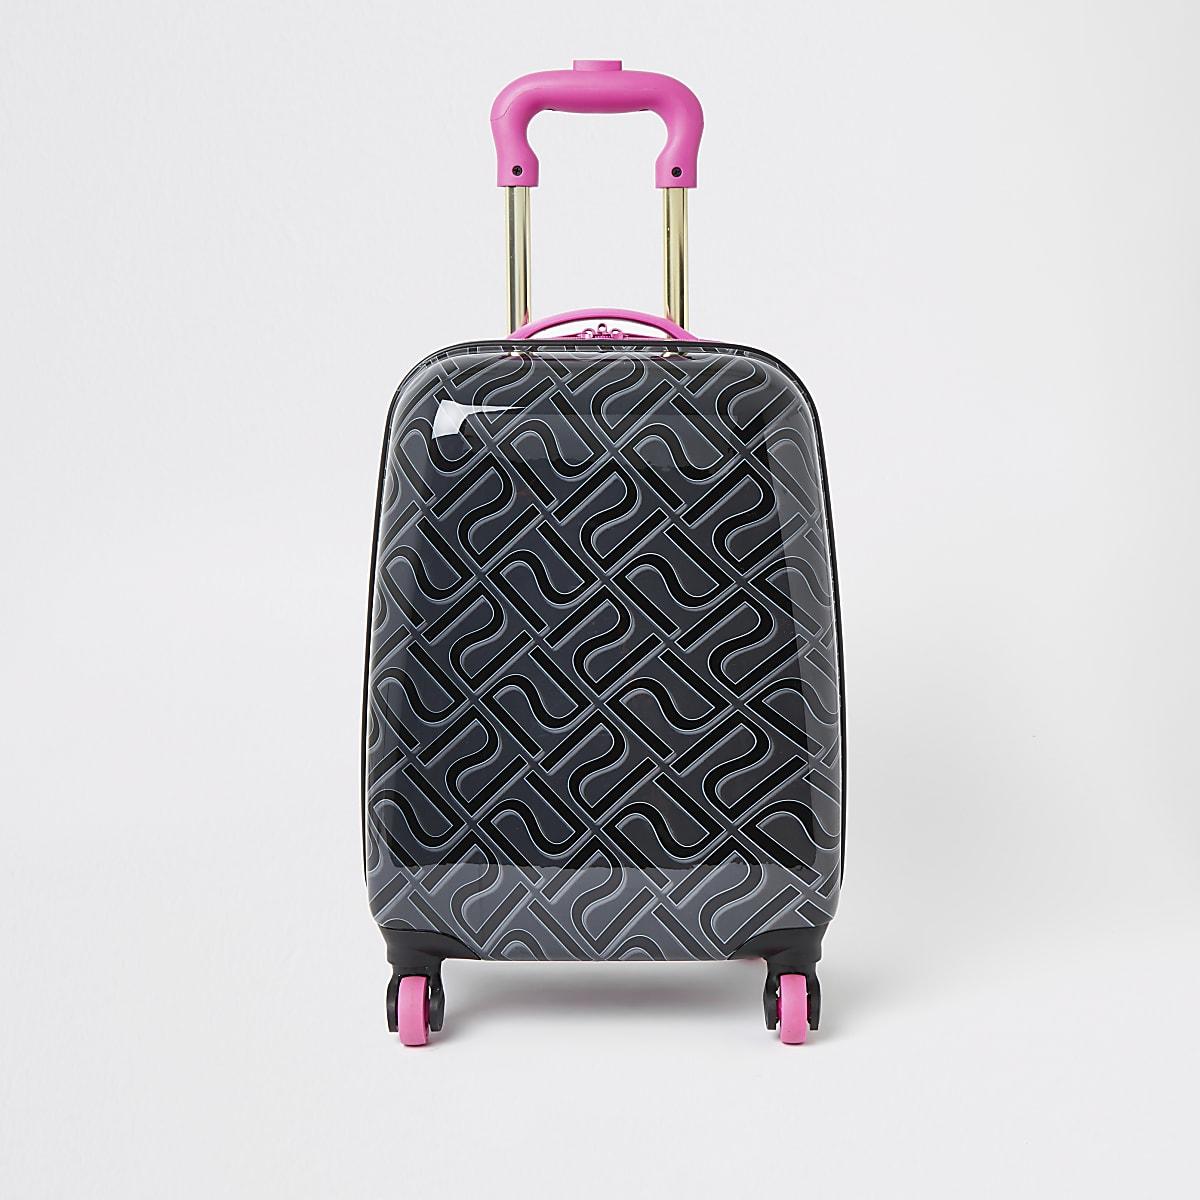 Zwarte koffer met RI-monogram voor meisjes